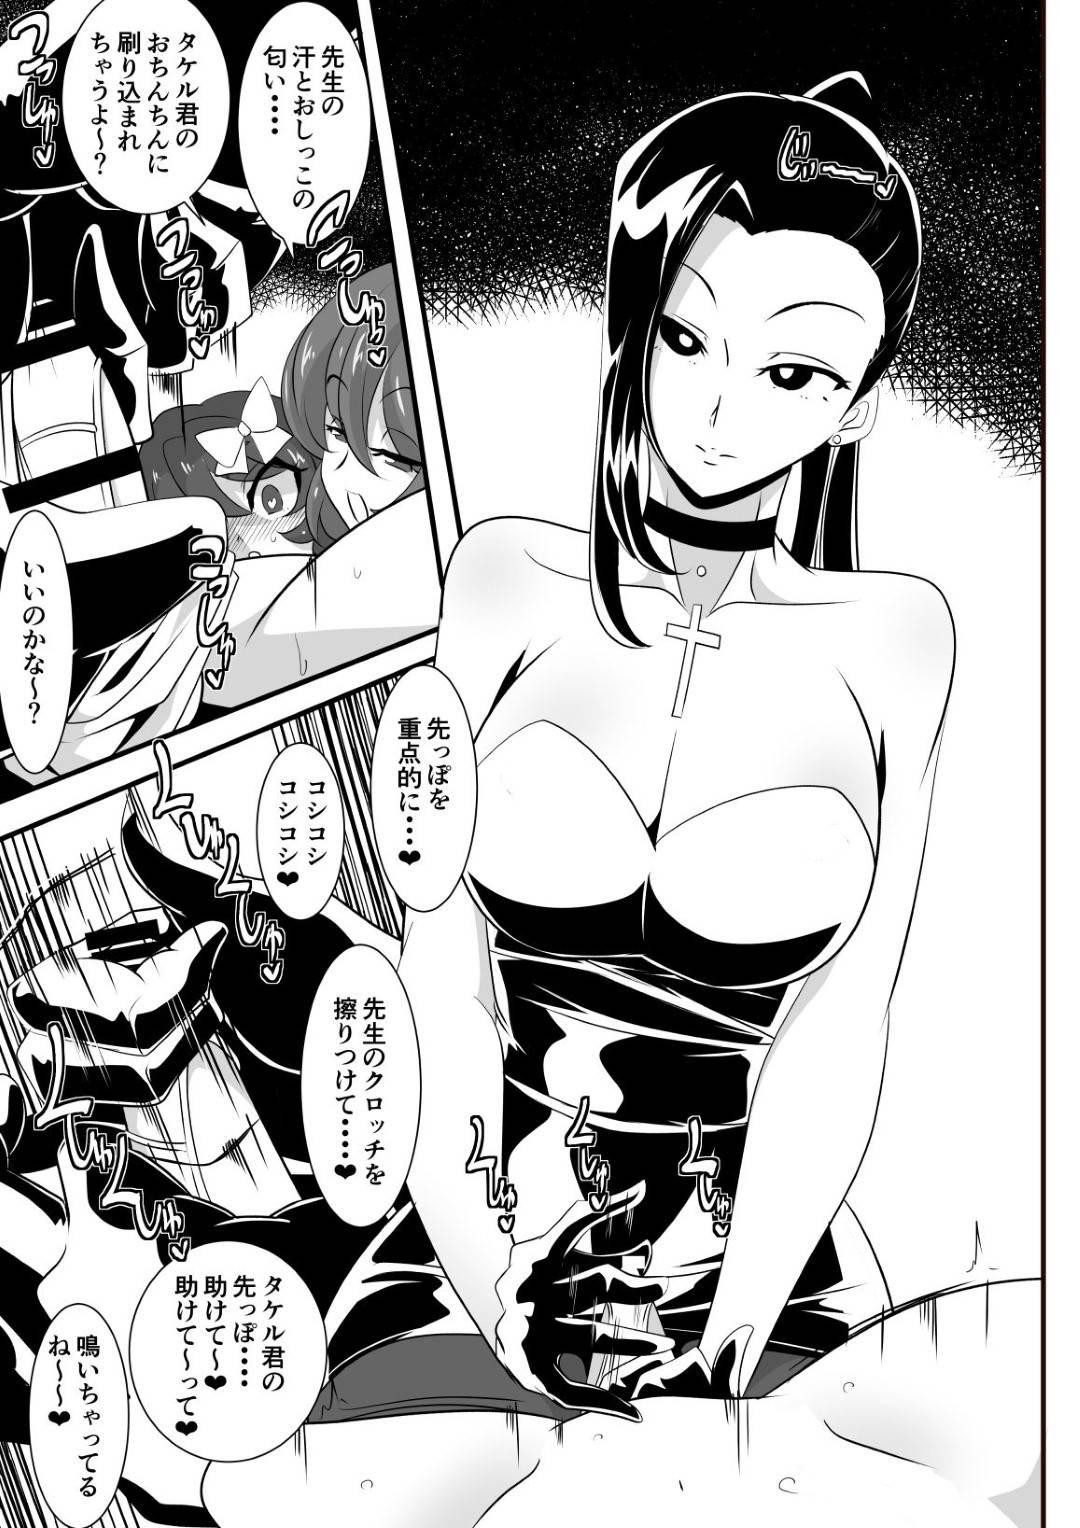 【エロ漫画】女悪党とナースに捕らわれたショタヒーロー。彼女たちはショタを服従させる為、リハビリと称して連続手コキ!イッてもイッても終わらず何回も強制射精させられる!そして騎乗位で更に搾り取られて服従!